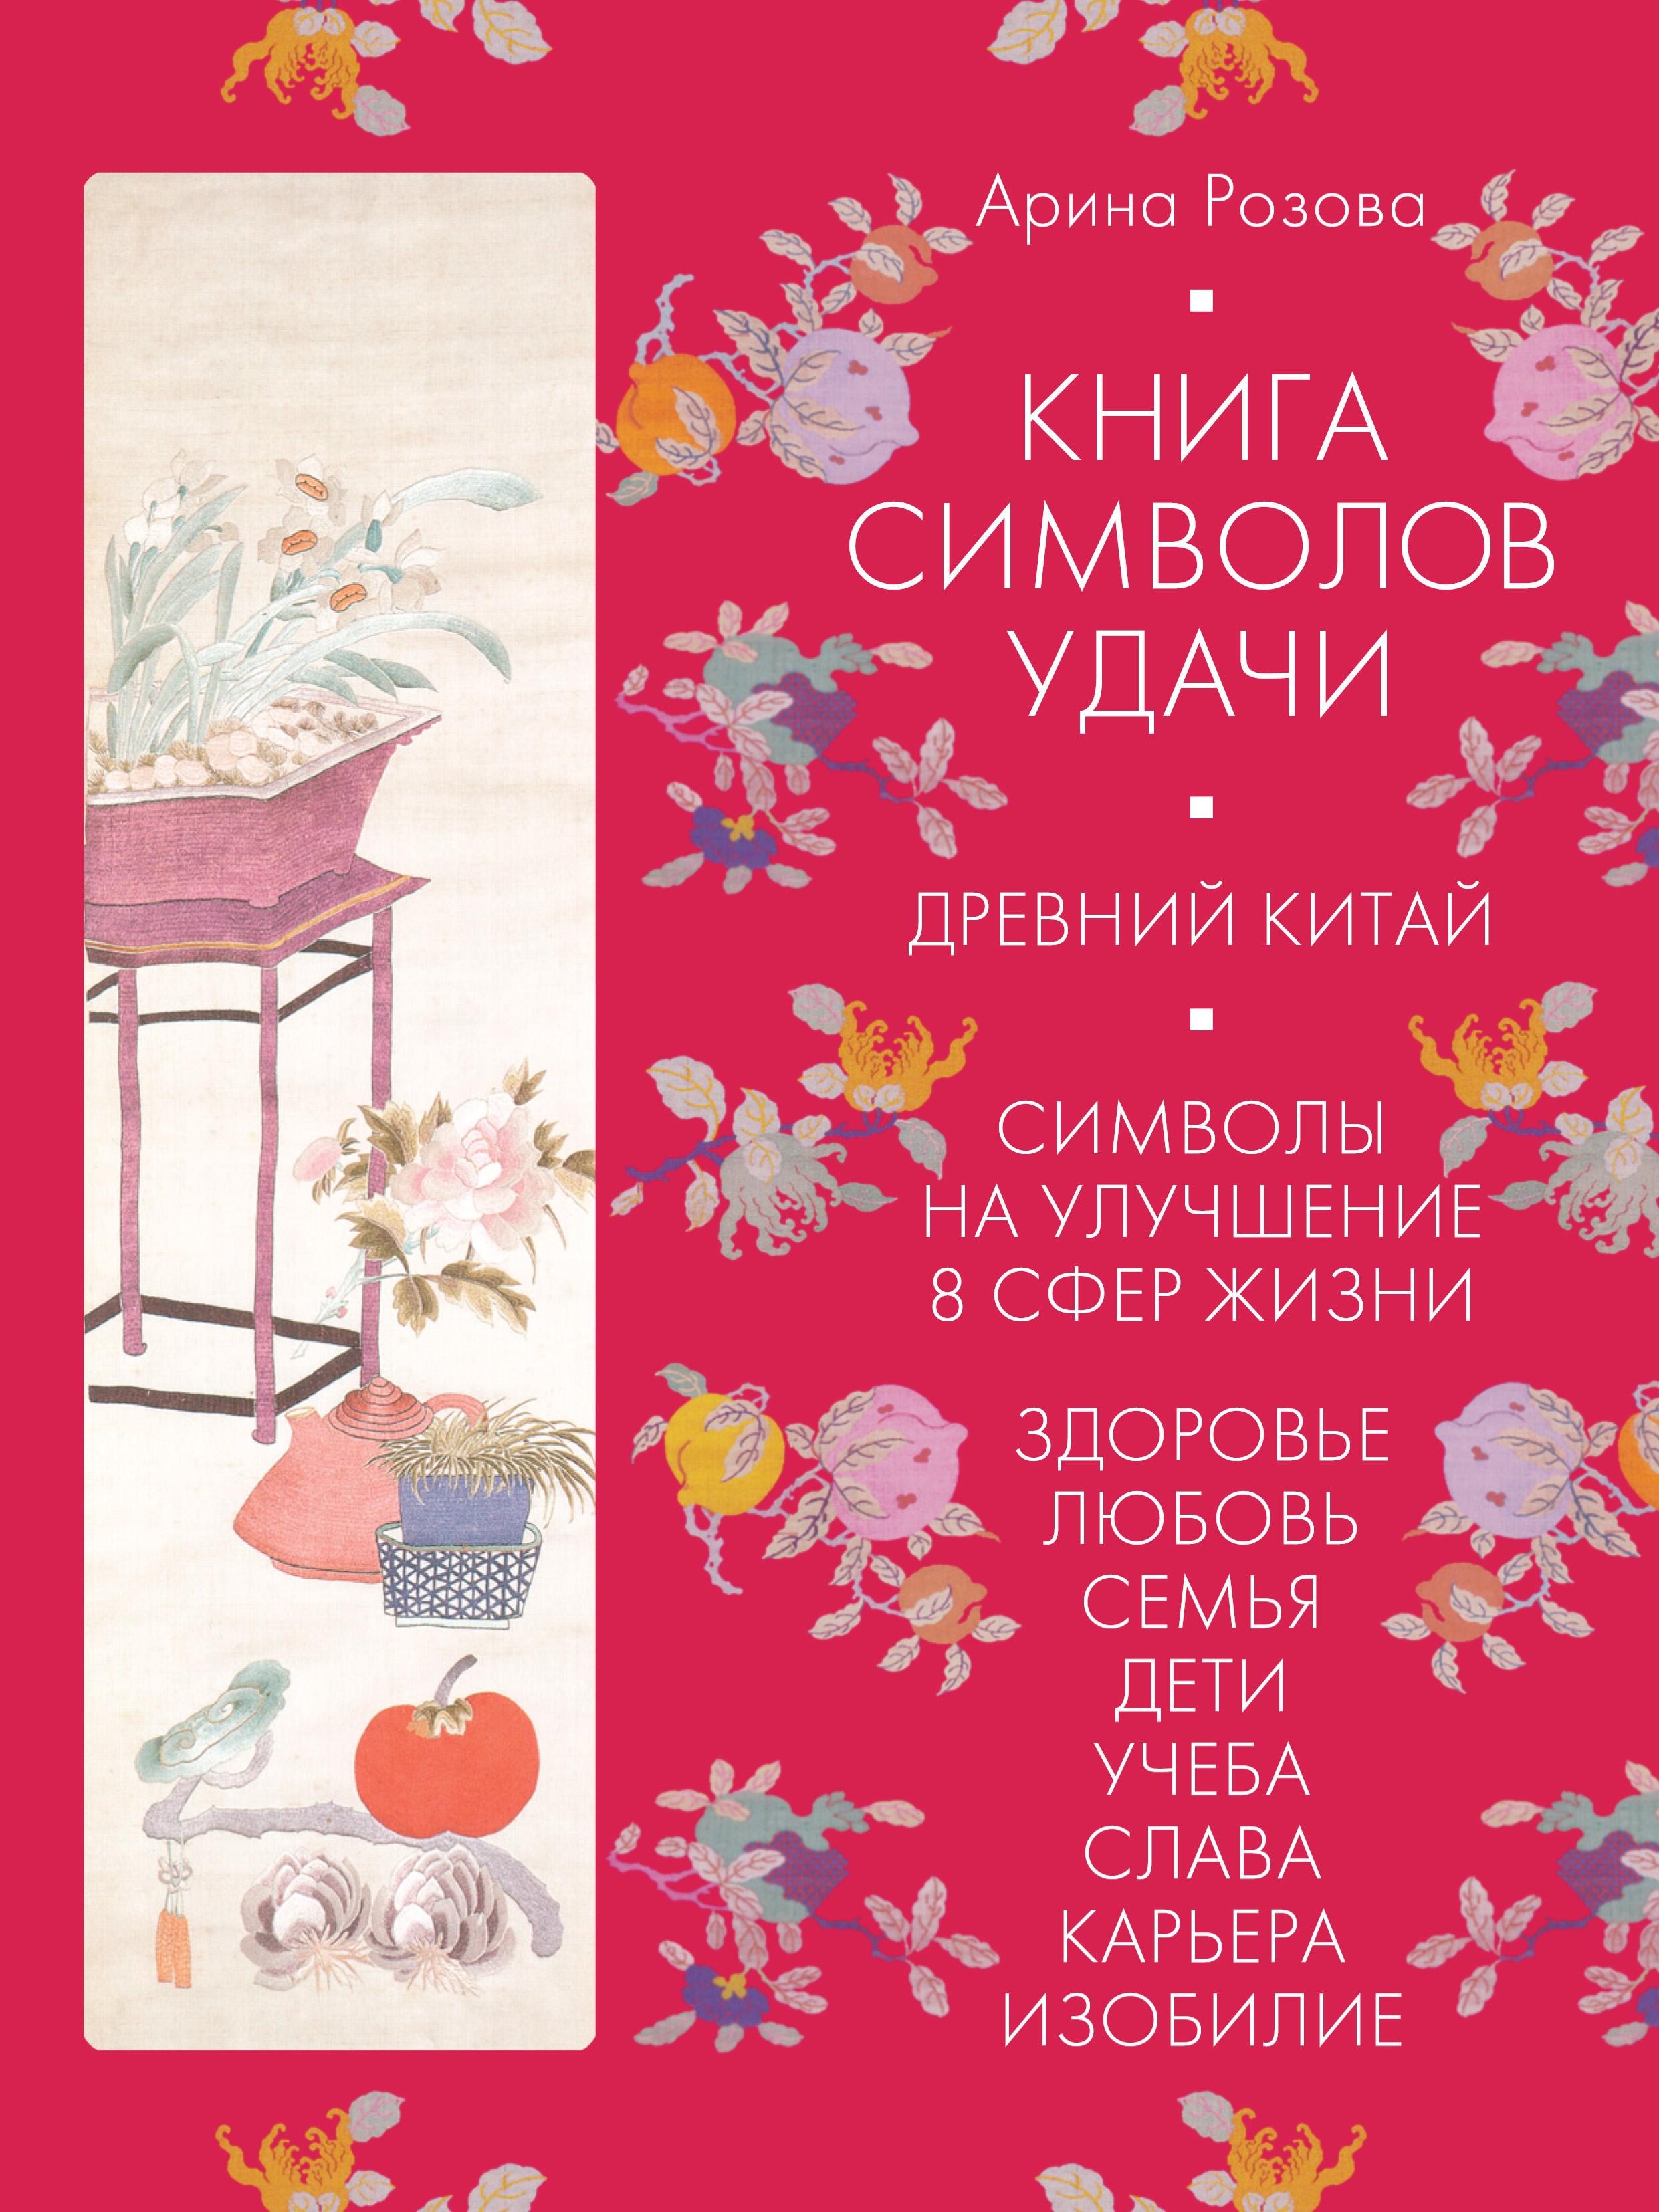 Арина Розова Книга символов удачи. Древний Китай арина розова блокнот лето